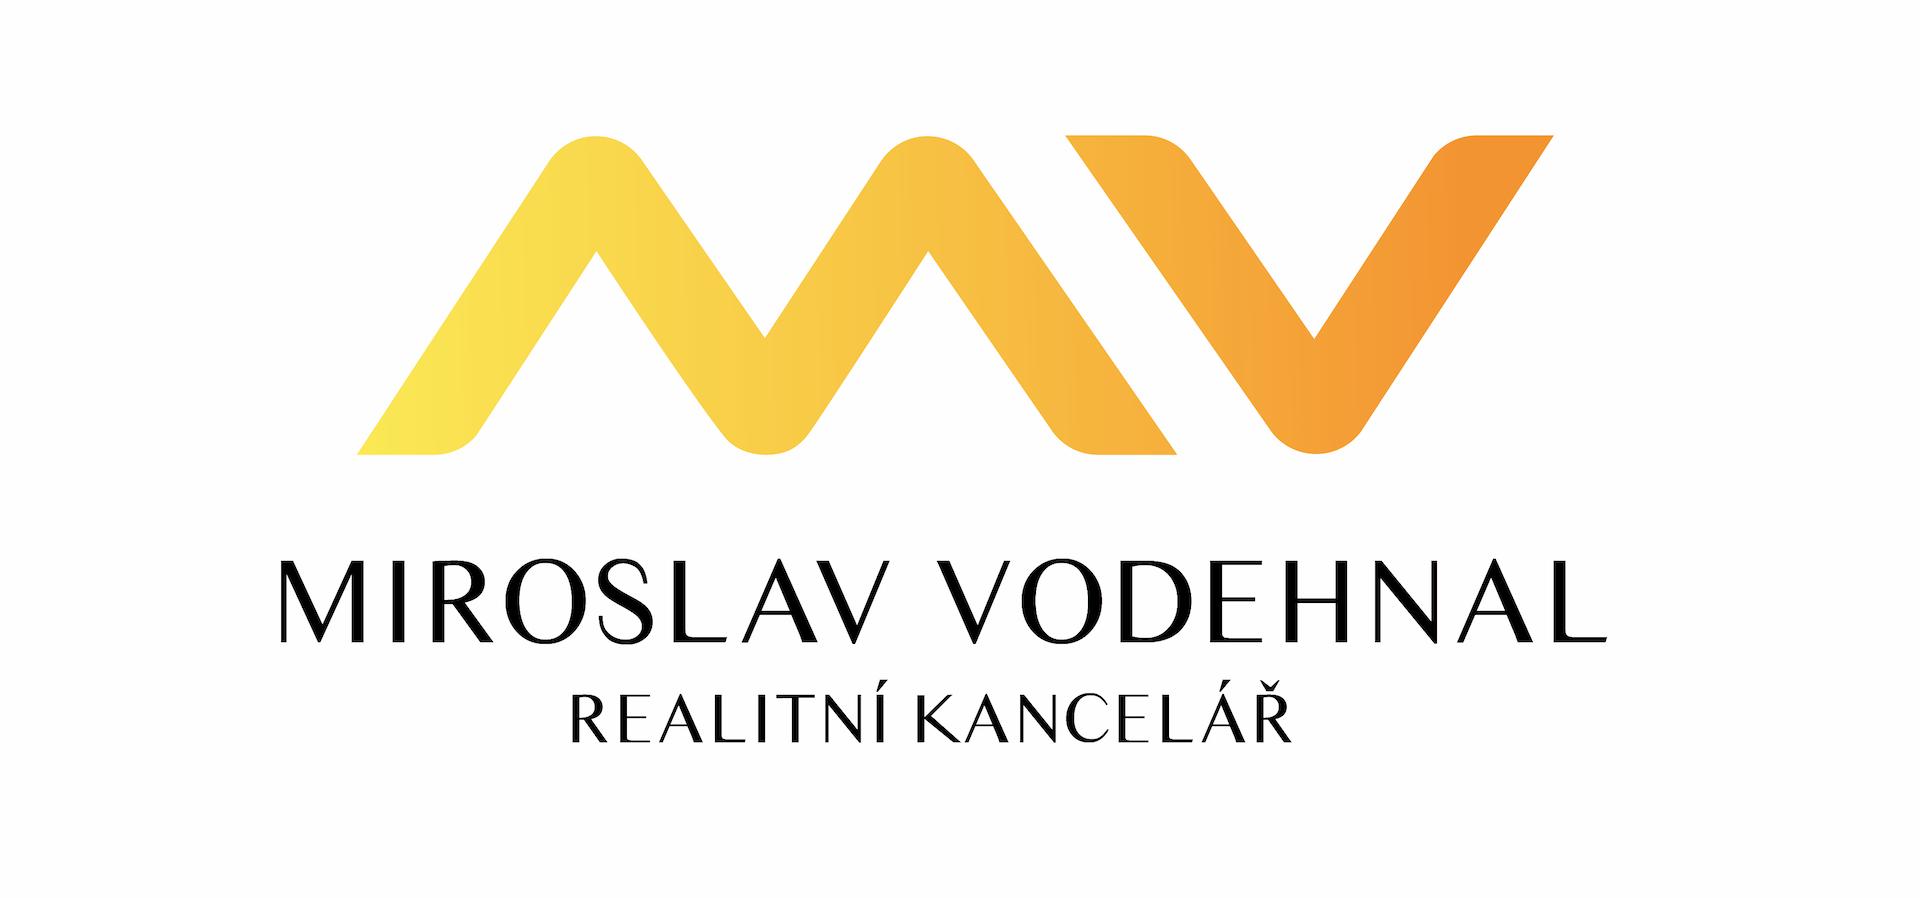 Miroslav Vodehnal, Realitní kancelář